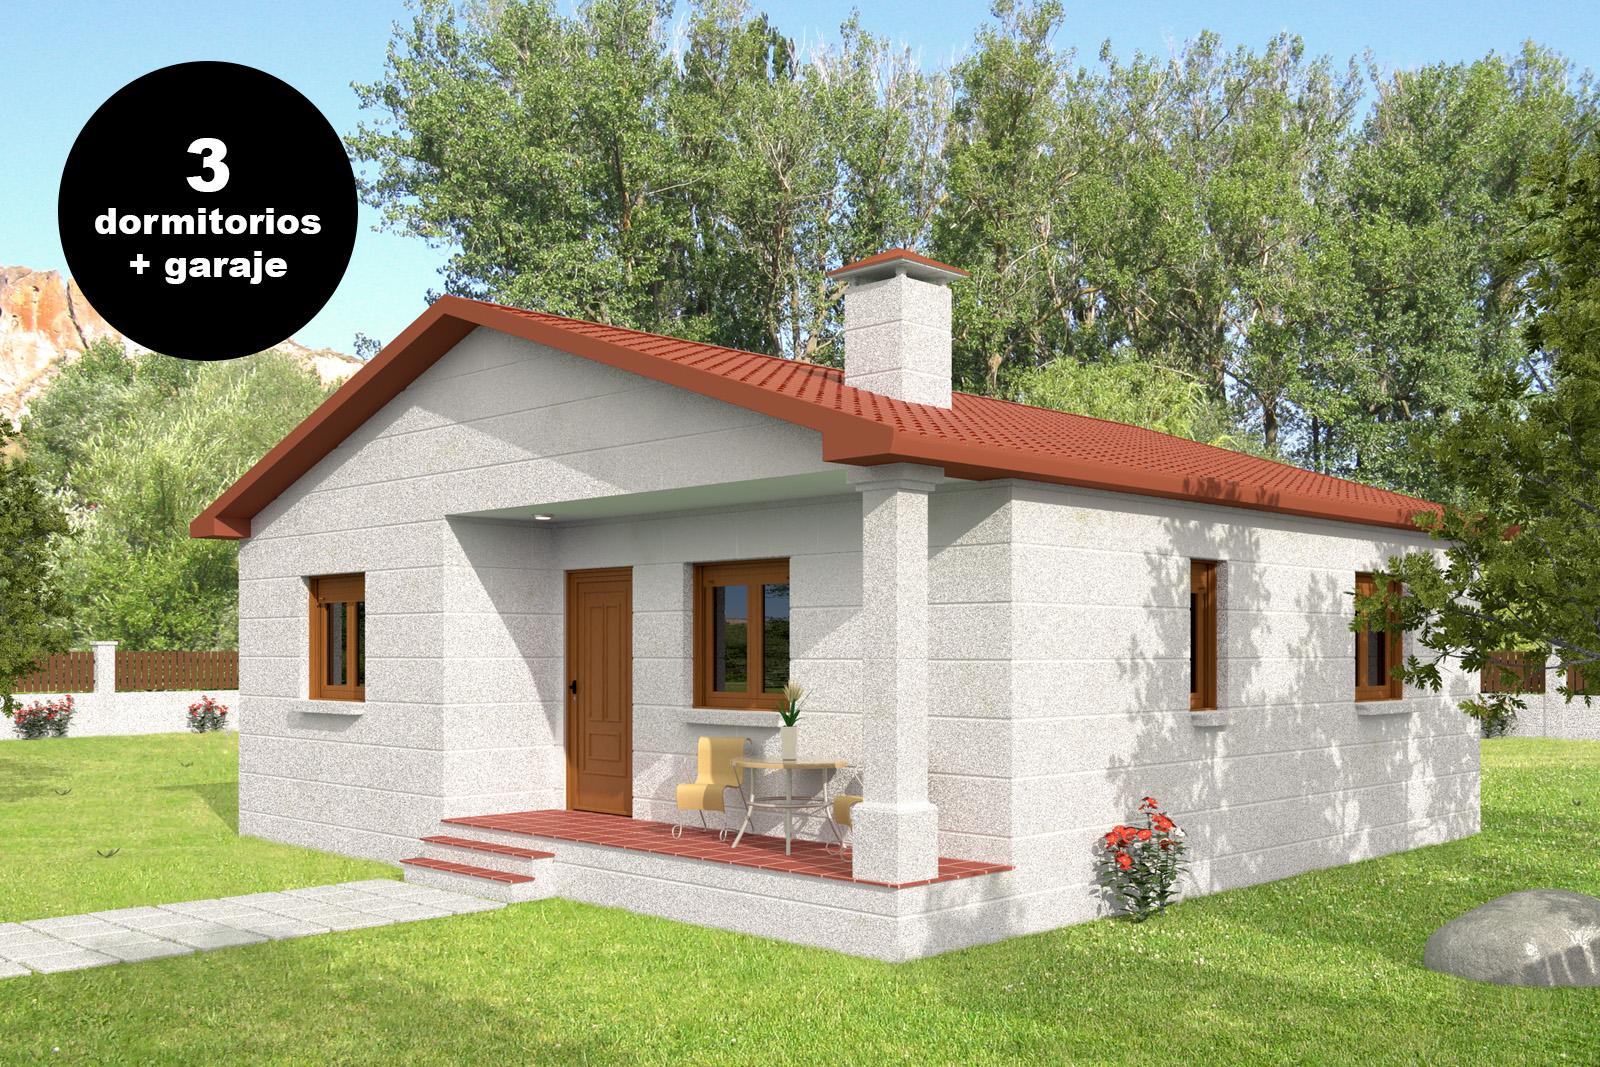 Parcelas y casas casa de piedra 3 dormitorios con garaje for Casa 3 dormitorios